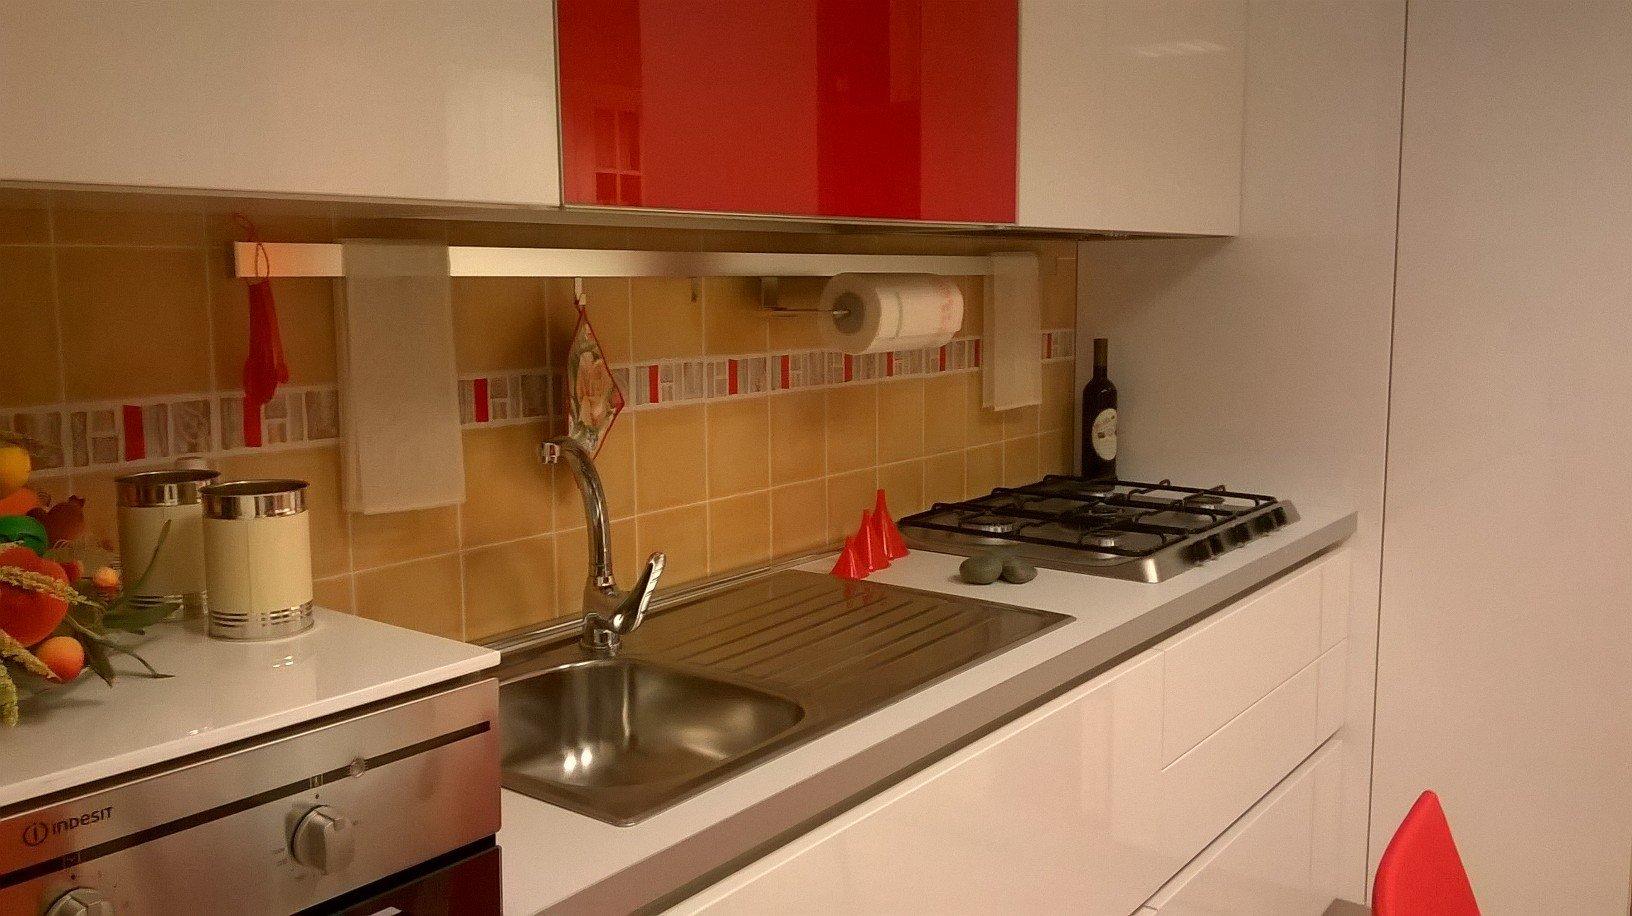 un lavandino e dei fornelli in una cucina con mobili bianchi